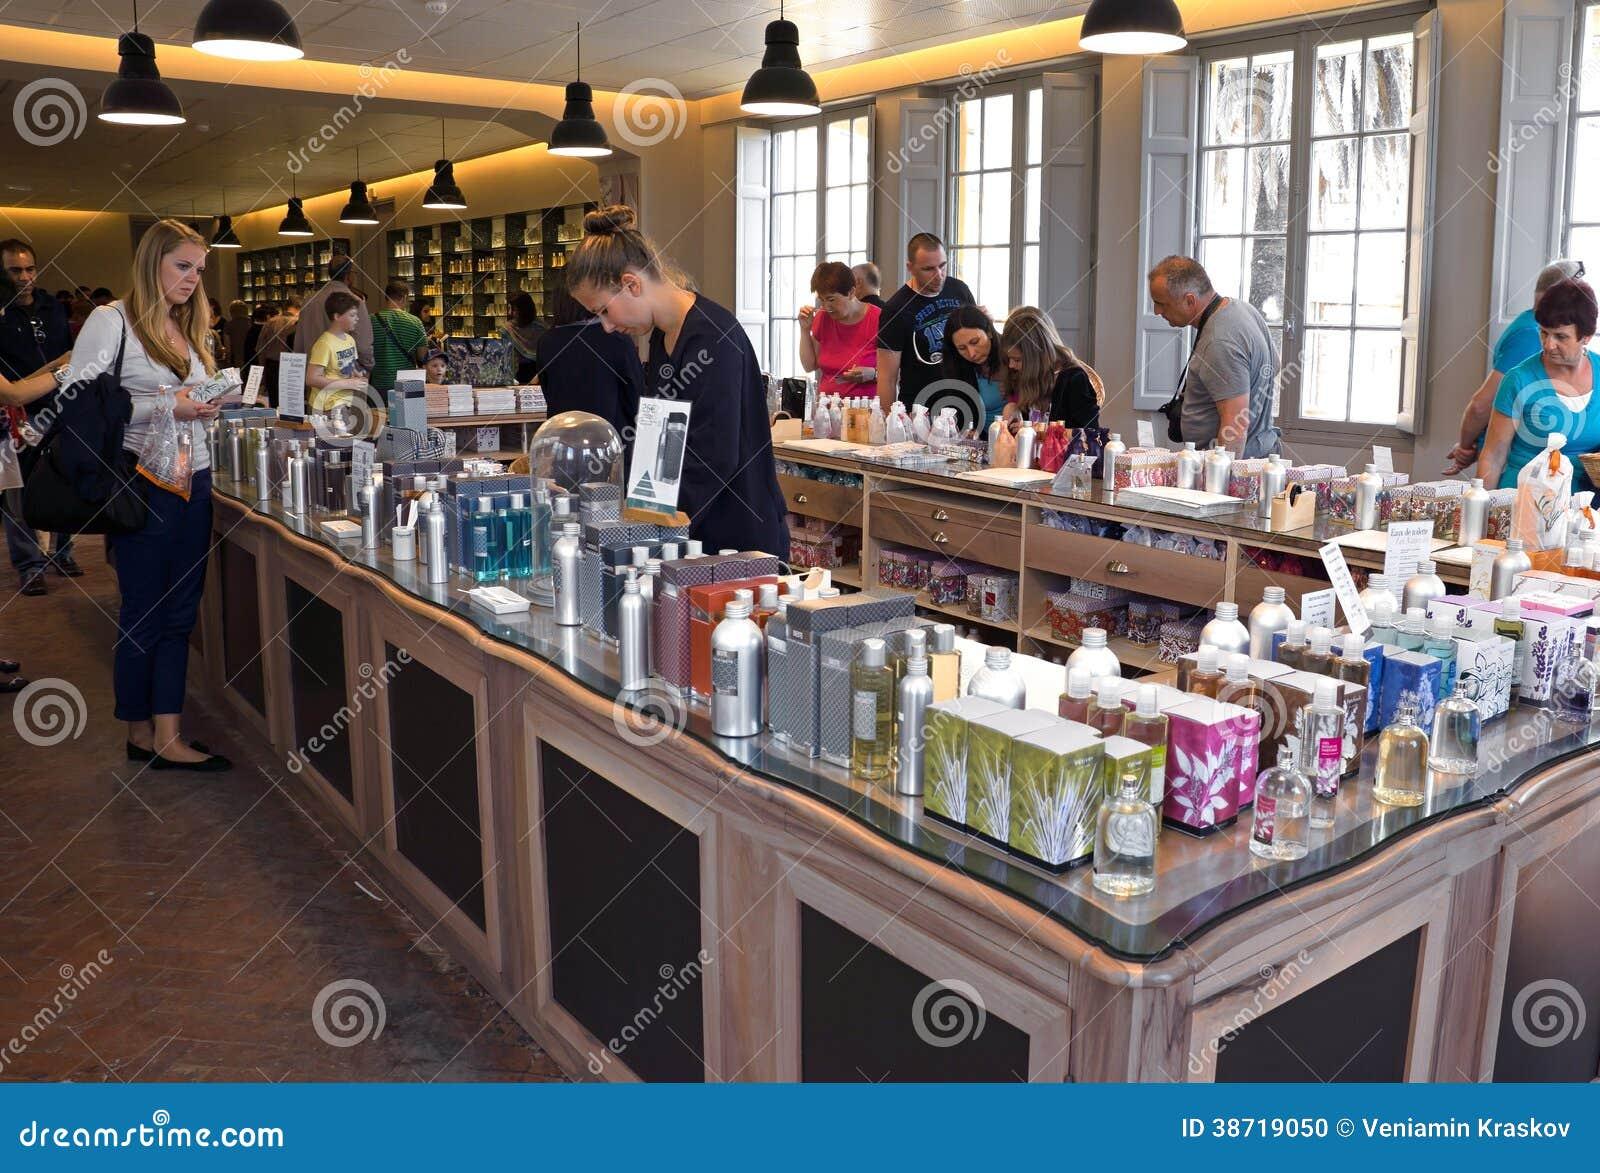 Fragonard Parfüm Shop Redaktionelles Bild Bild Von Schmieröl 38719050